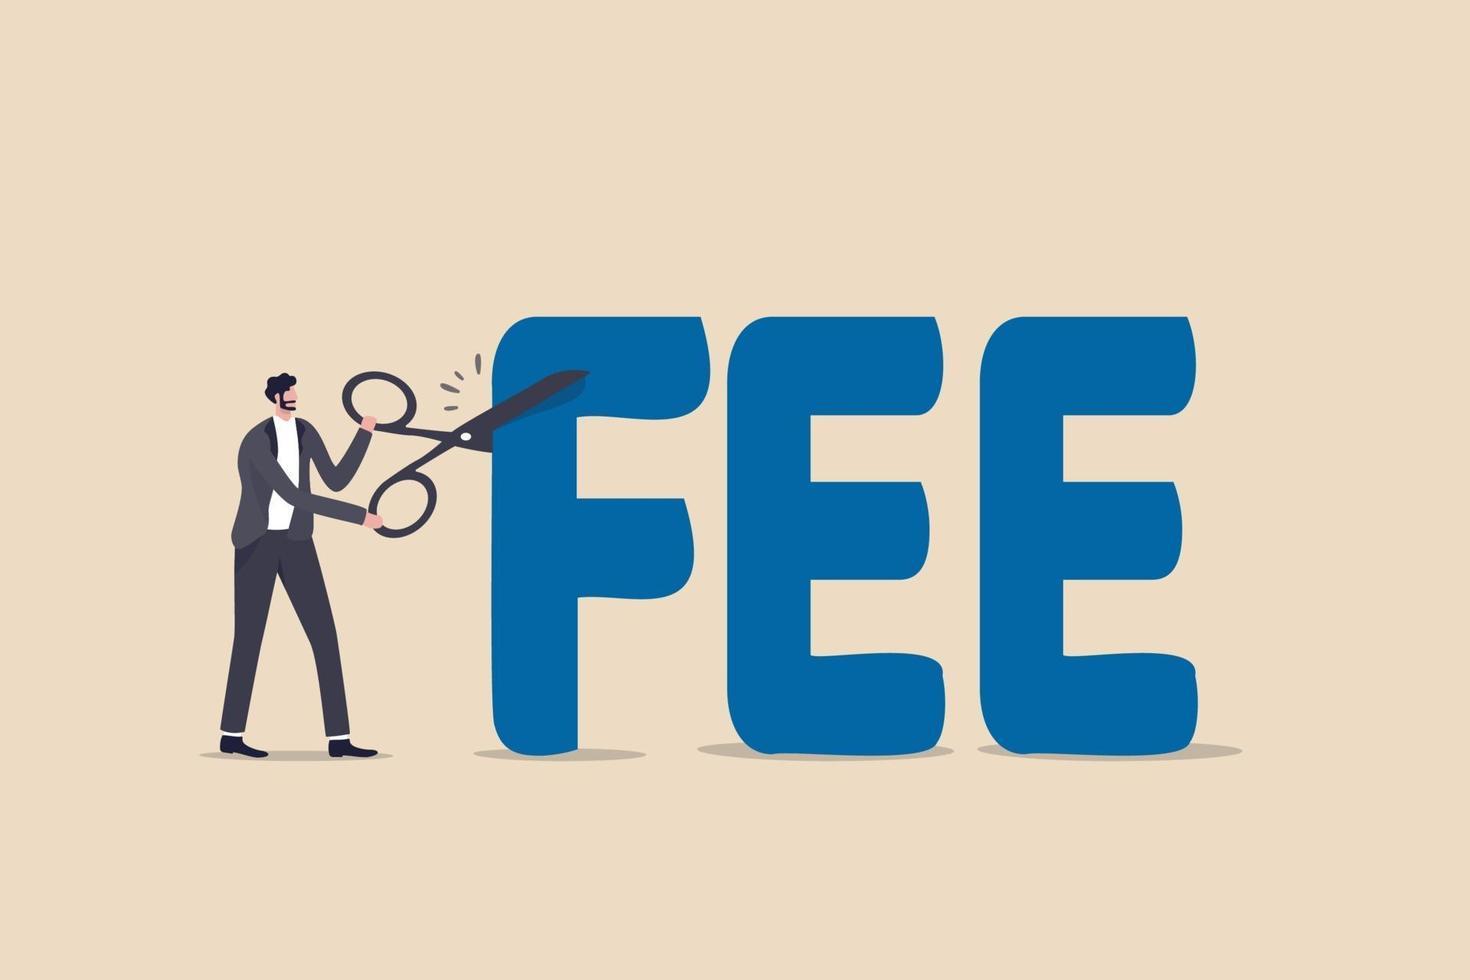 tagliare la commissione, ridurre le spese di servizio da pagare, fondo comune di investimento a basso costo o fondo indicizzato con una commissione bassa, rinuncia al concetto di spesa finanziaria vettore